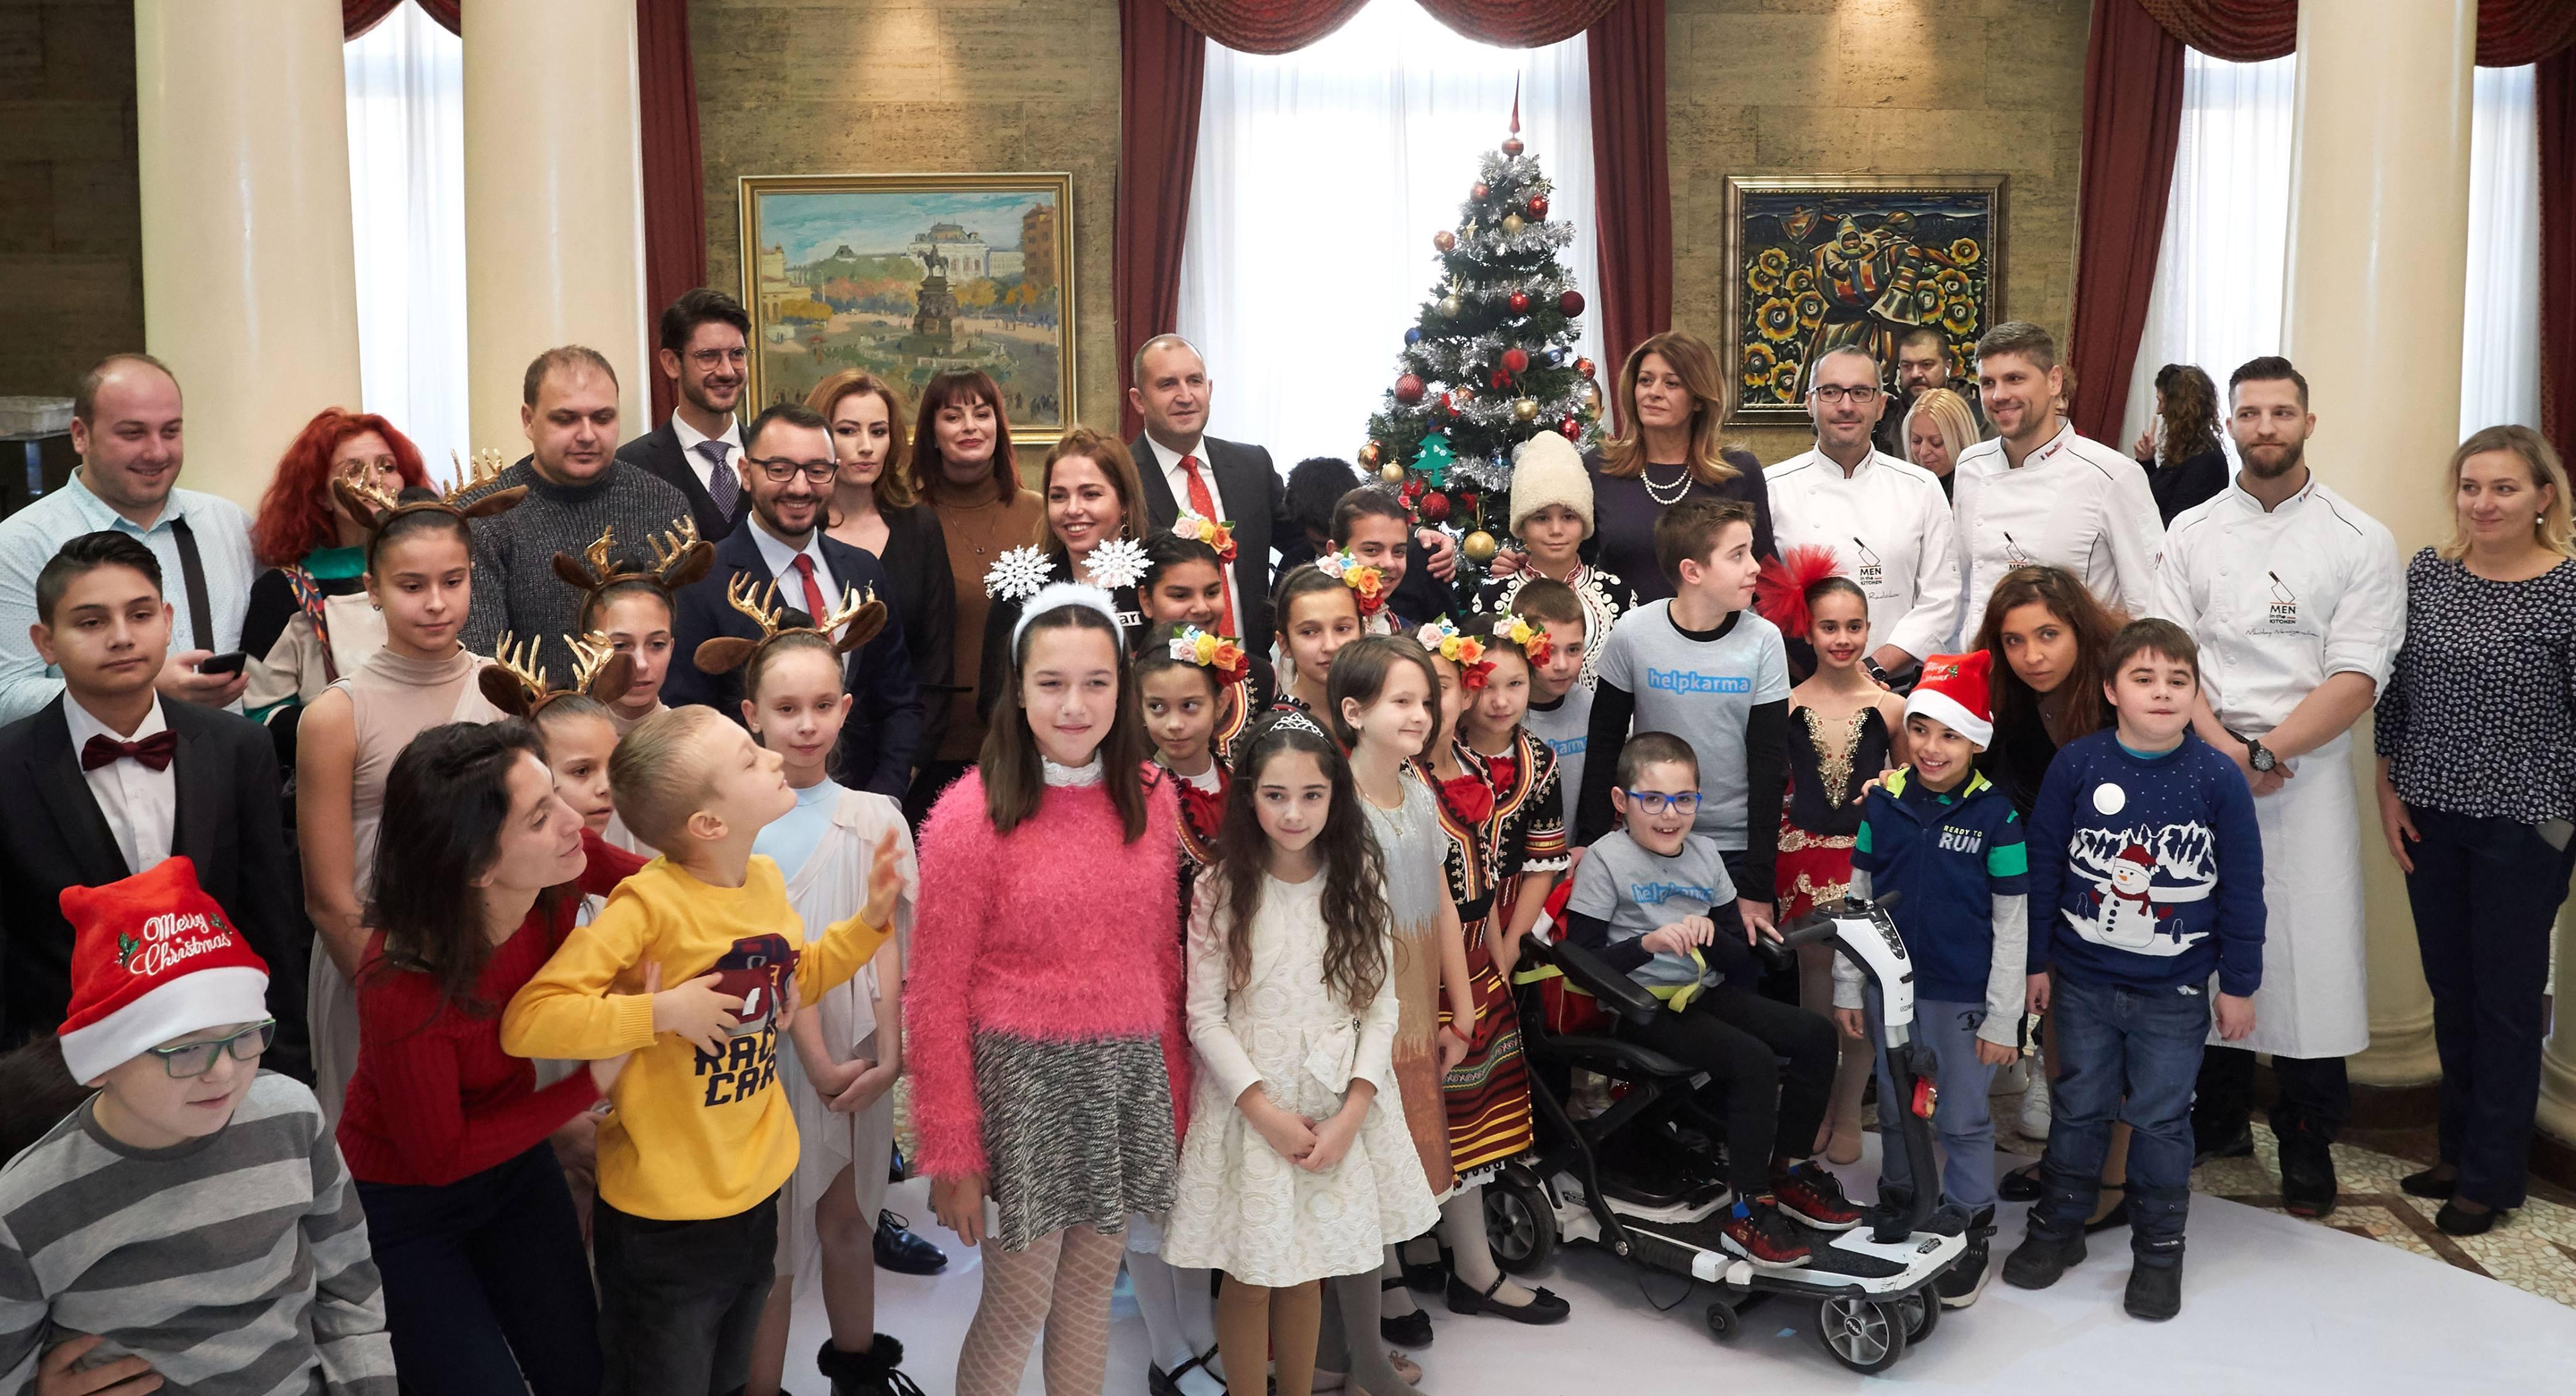 """Танцьори от ансамбъл """"Пламъче"""" и деца на """"Българската Коледа"""" украсиха заедно с държавния глава и неговата съпруга елхата в президентството"""